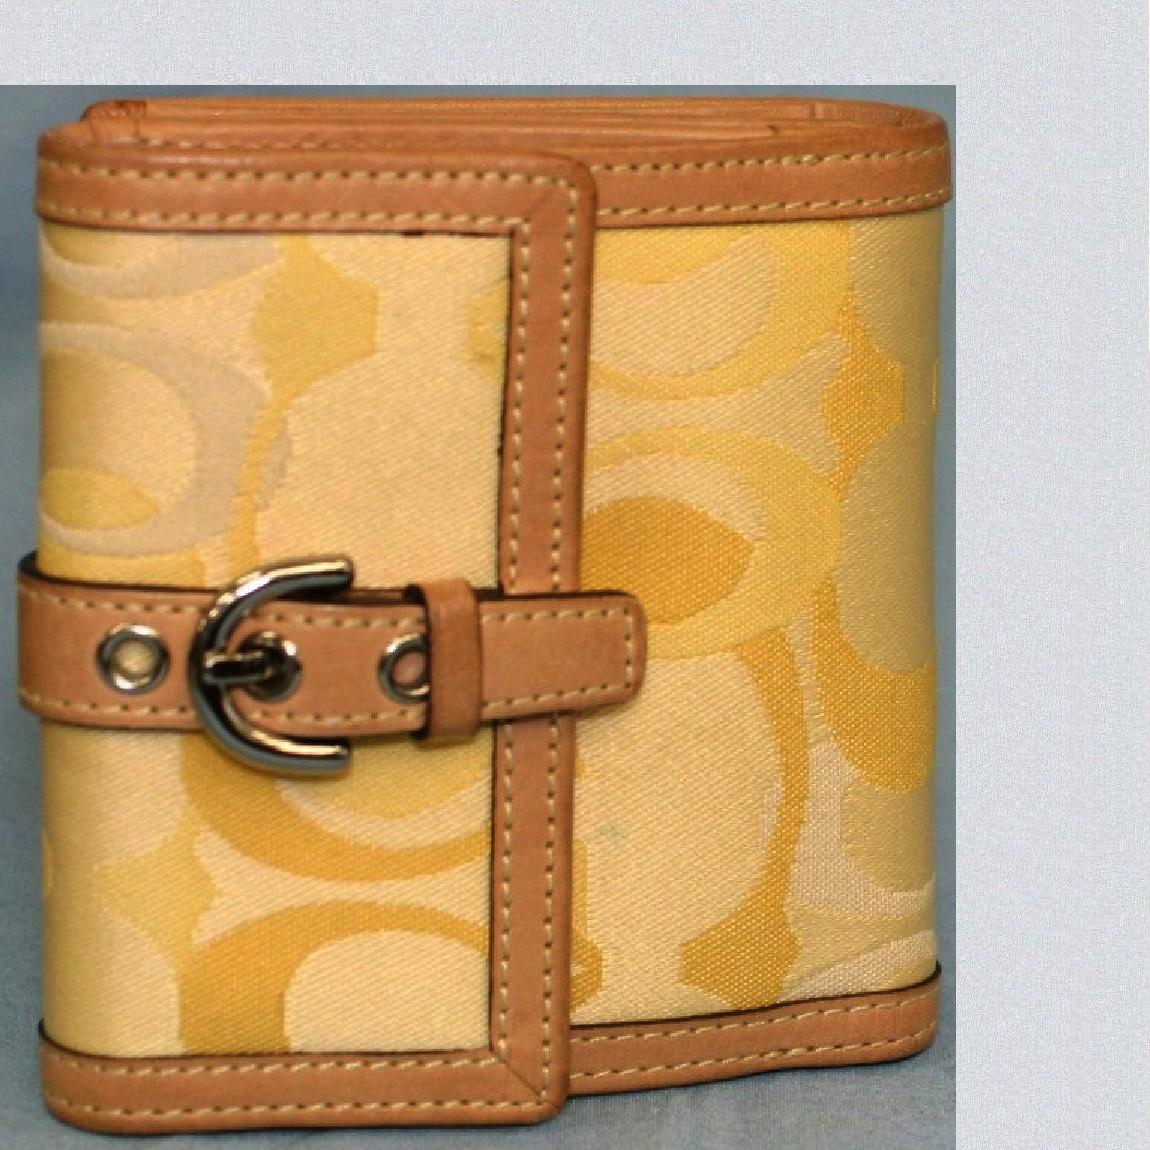 【中古】本物綺麗コーチ女性用10センチ黄色オプティックシグネチャーWホックの財布